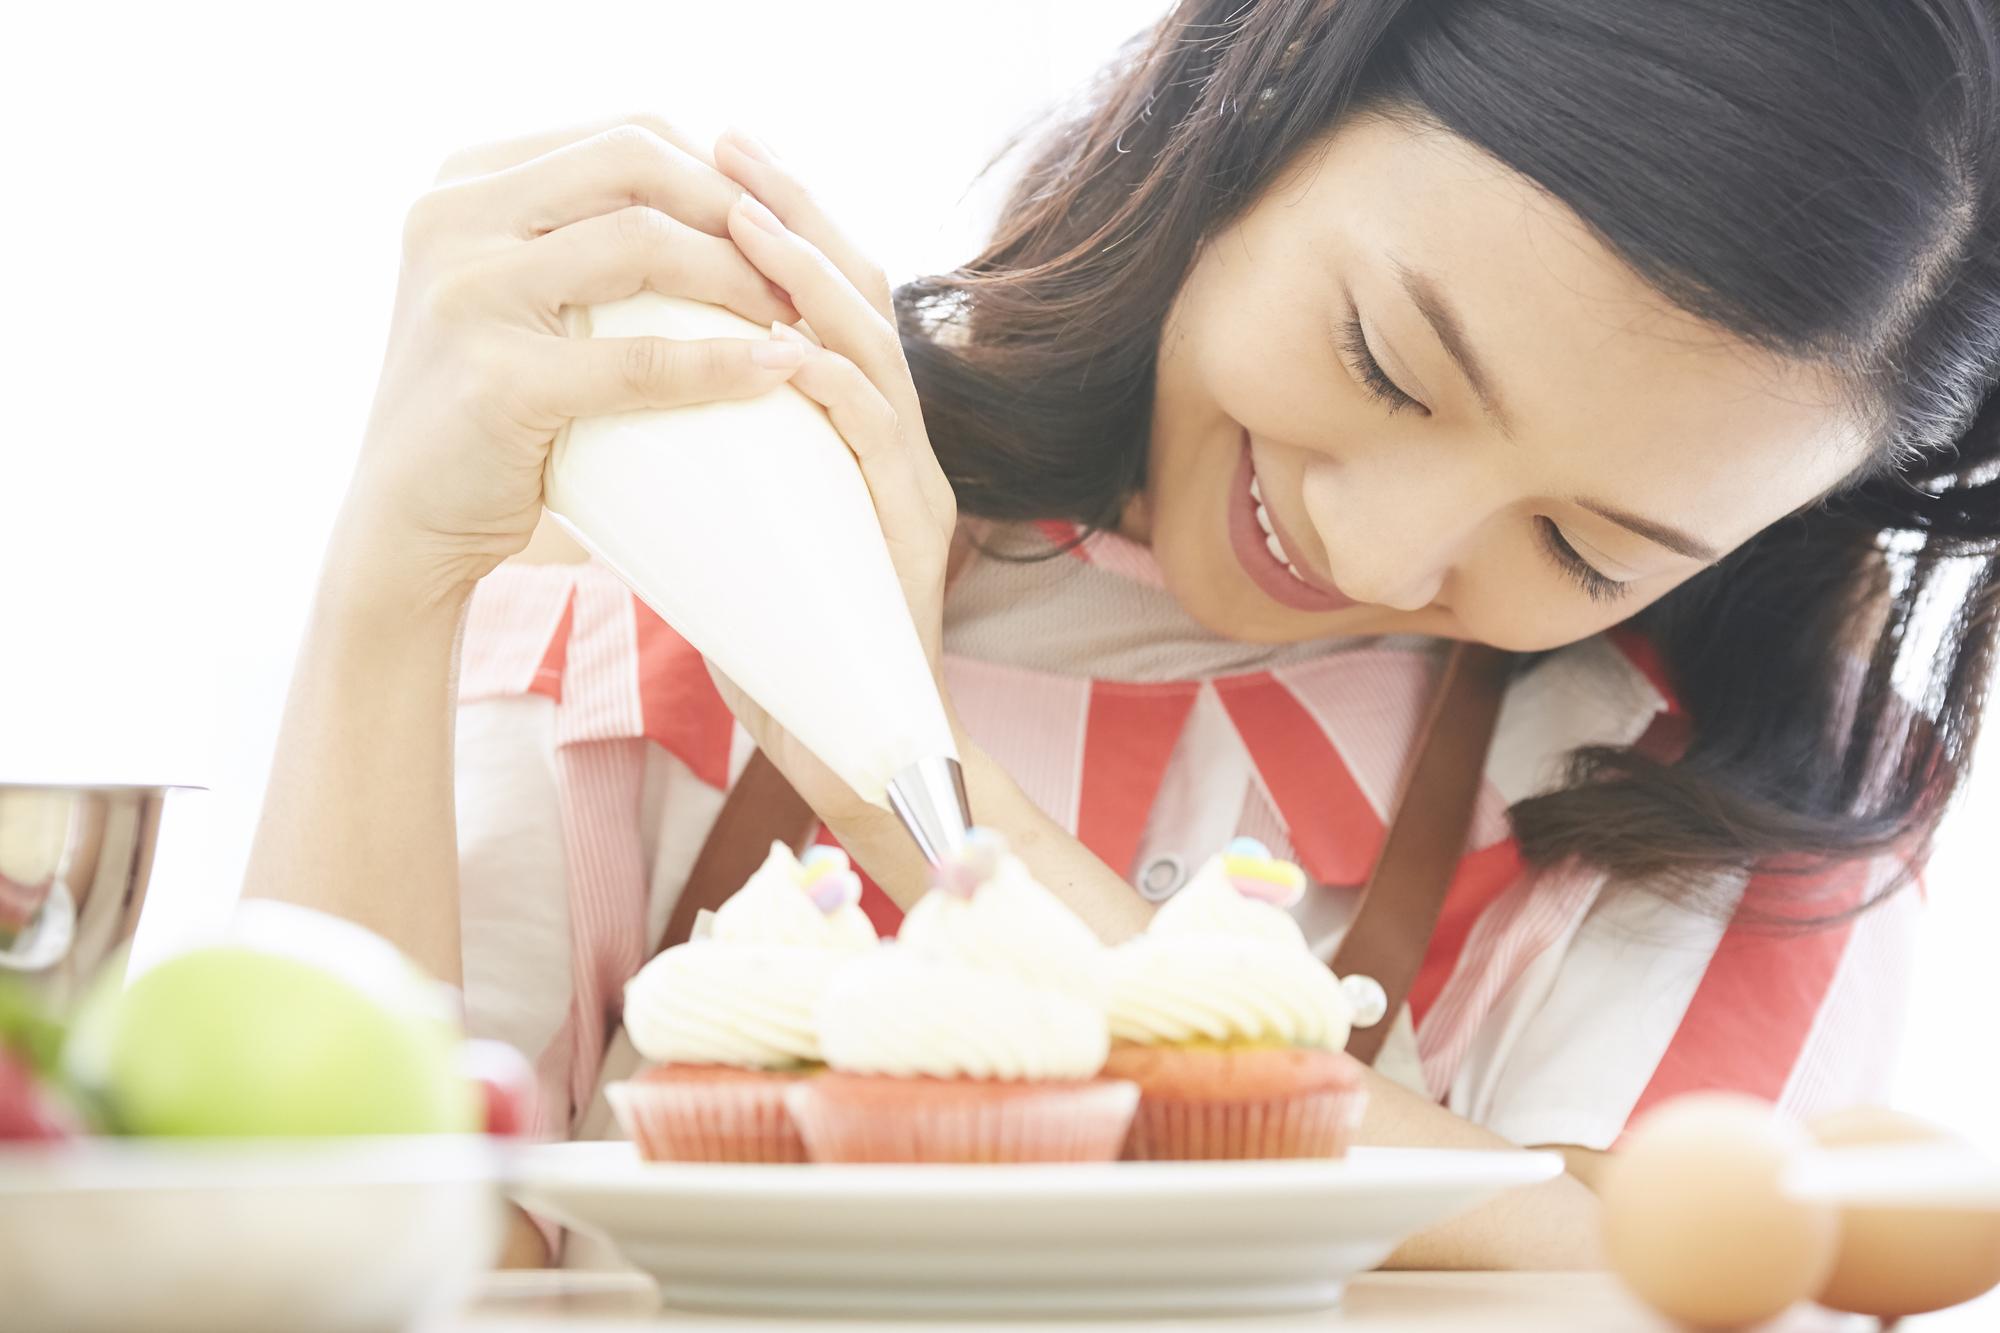 スイーツを食べようとする笑顔の女性